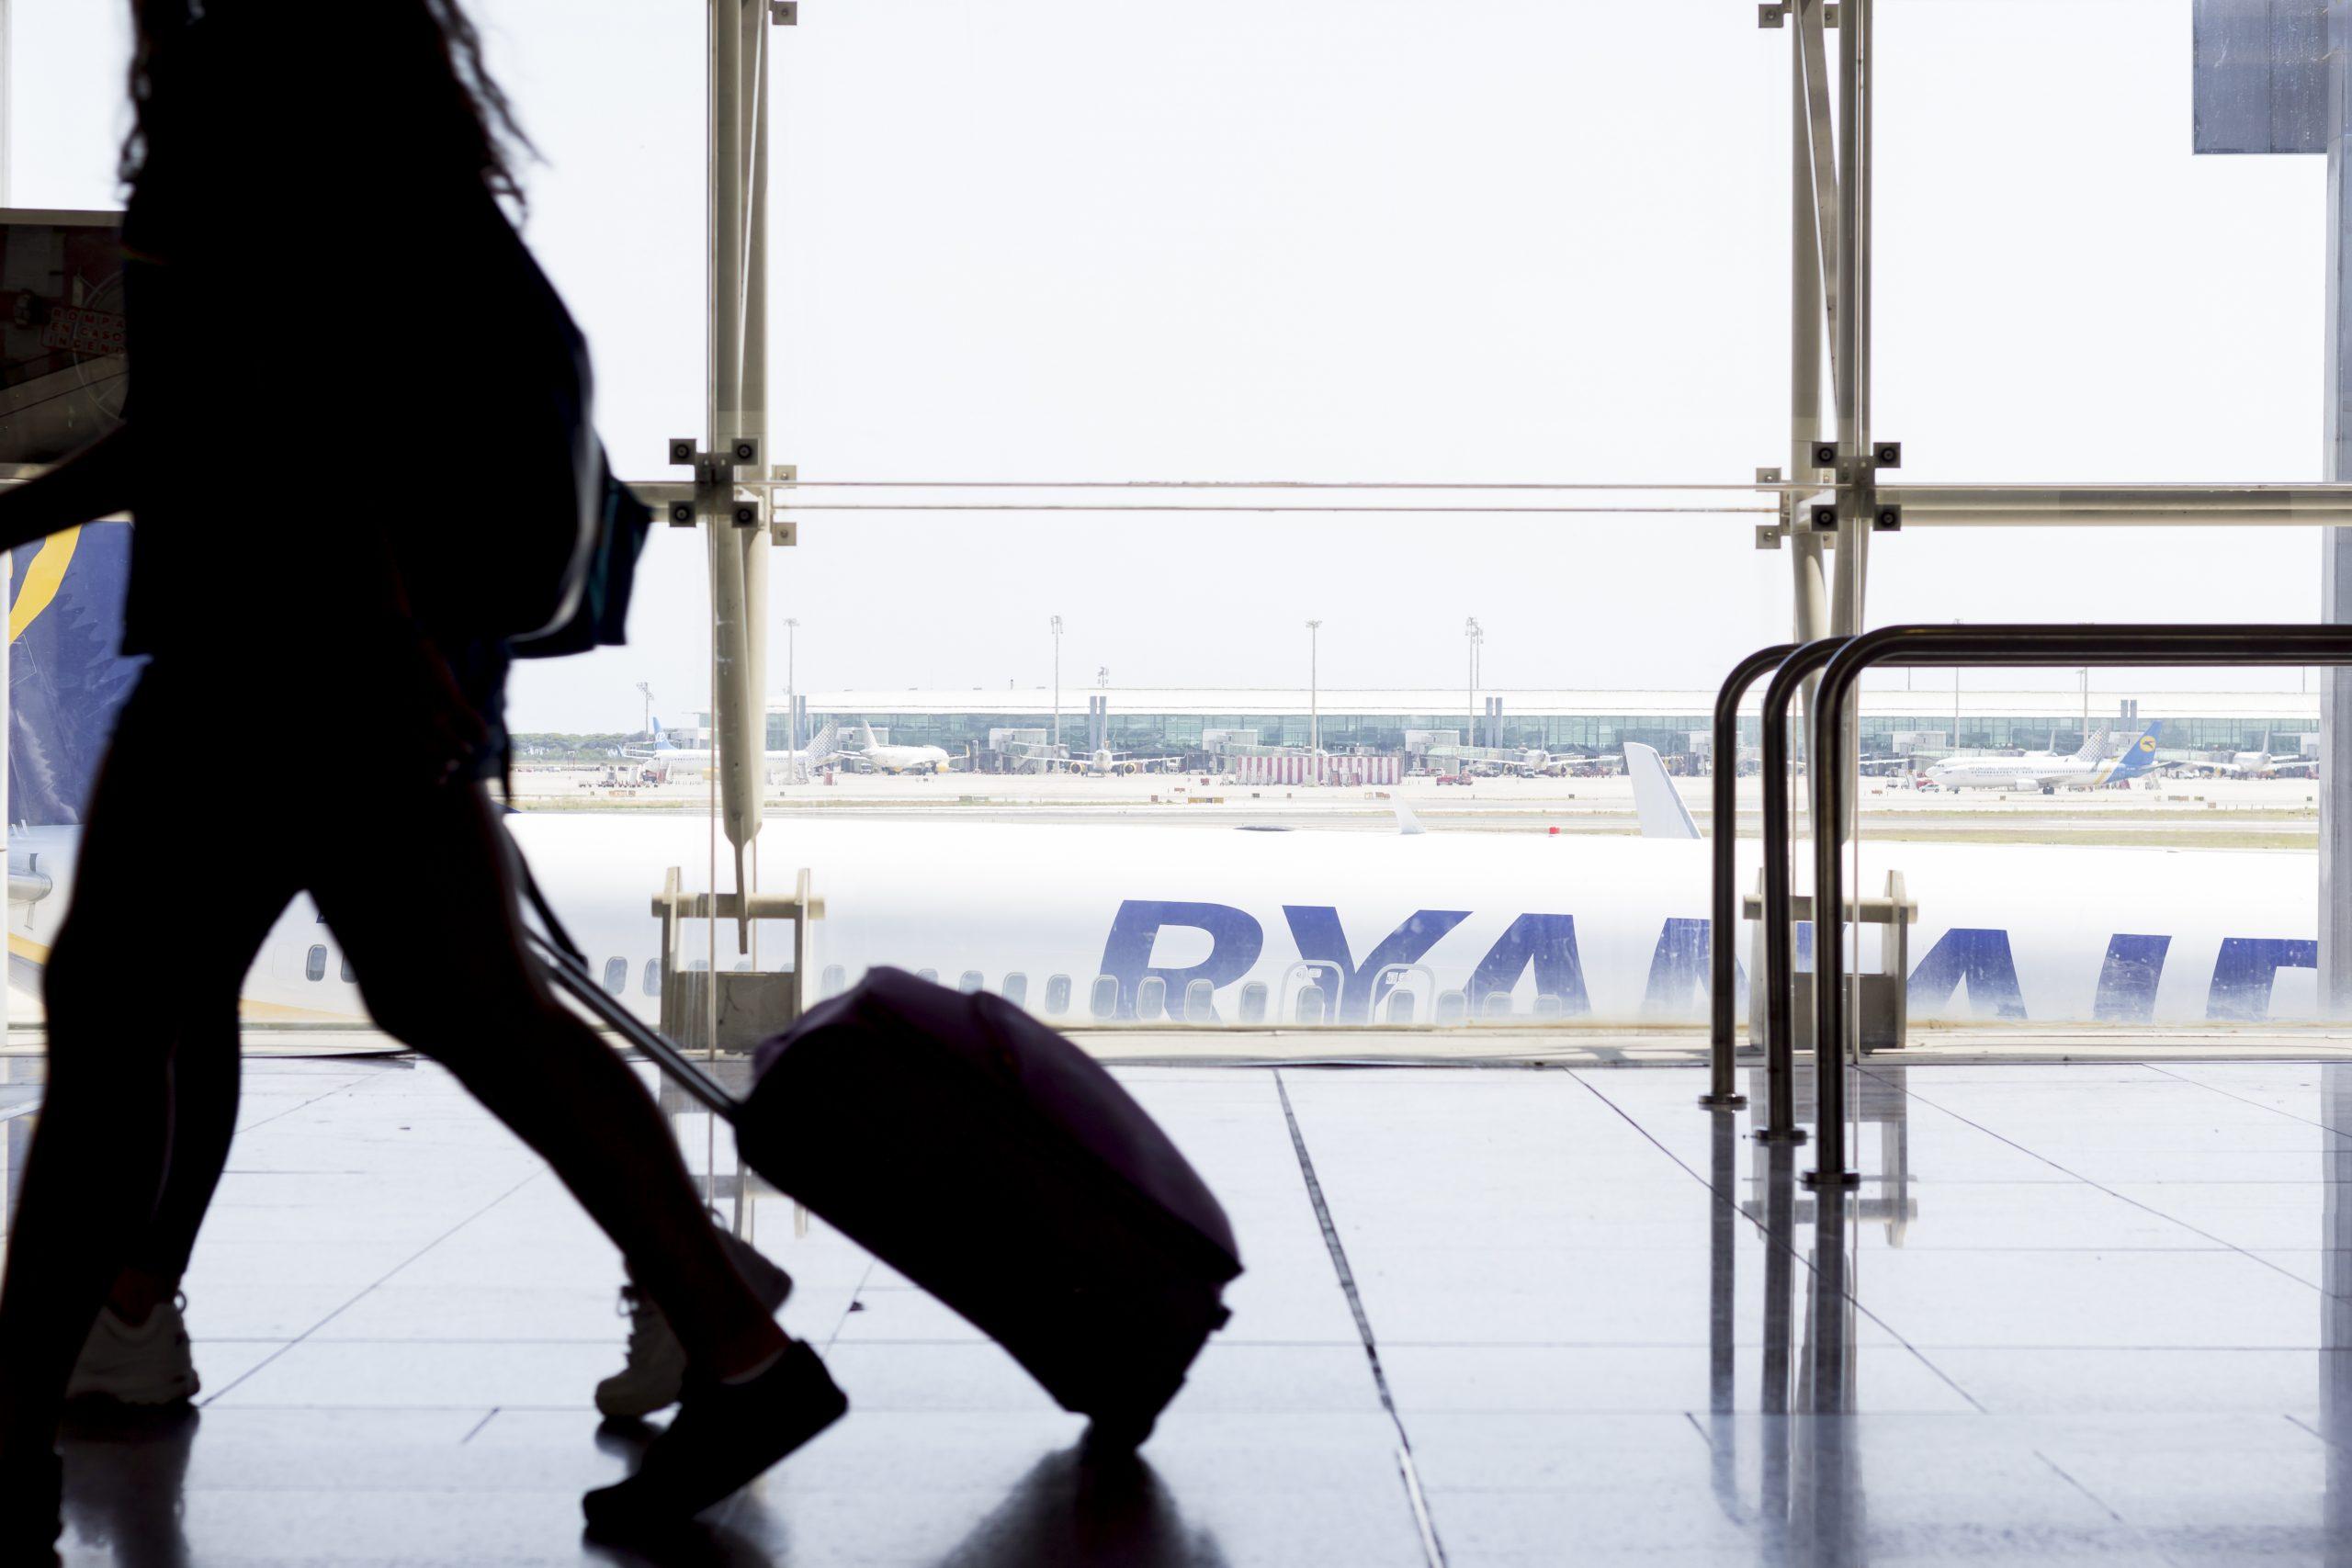 consegna auto in aereoporto